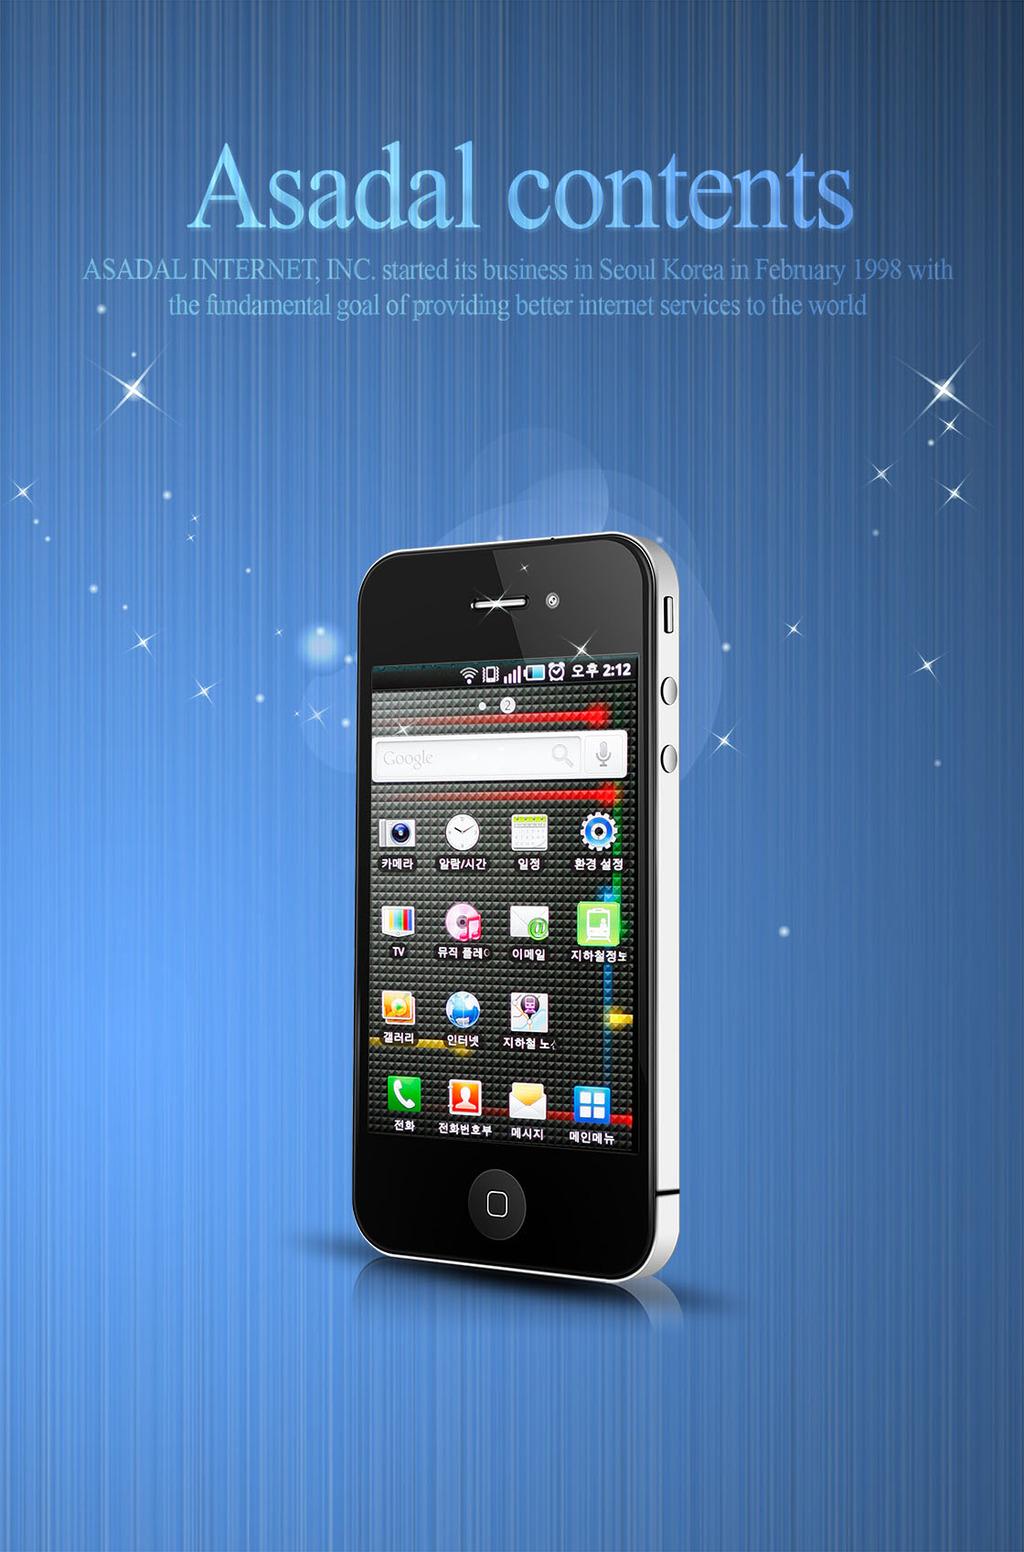 源文件 蓝色 苹果系统 手机海报宣传 手机海报素材 手机海报模版